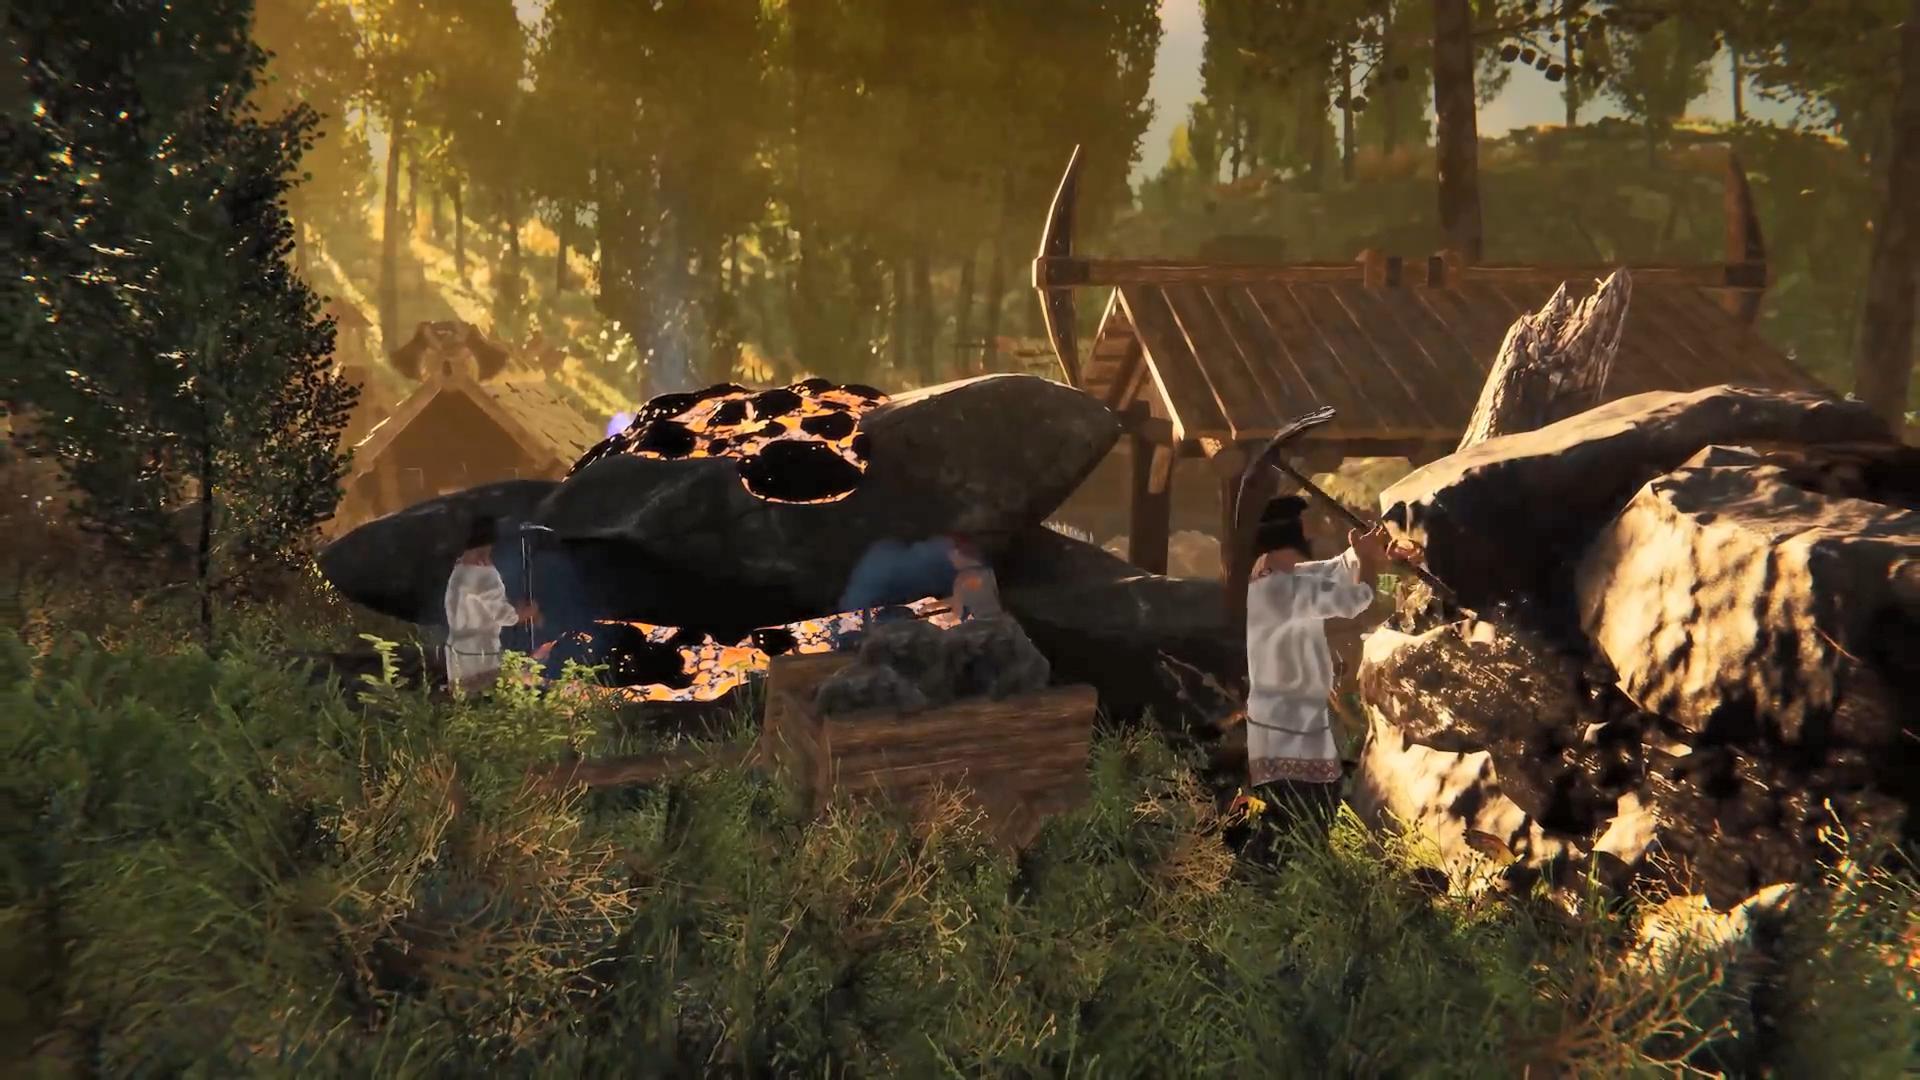 生存建造游戏《暗夜降临》新官方宣传片 2022年发售